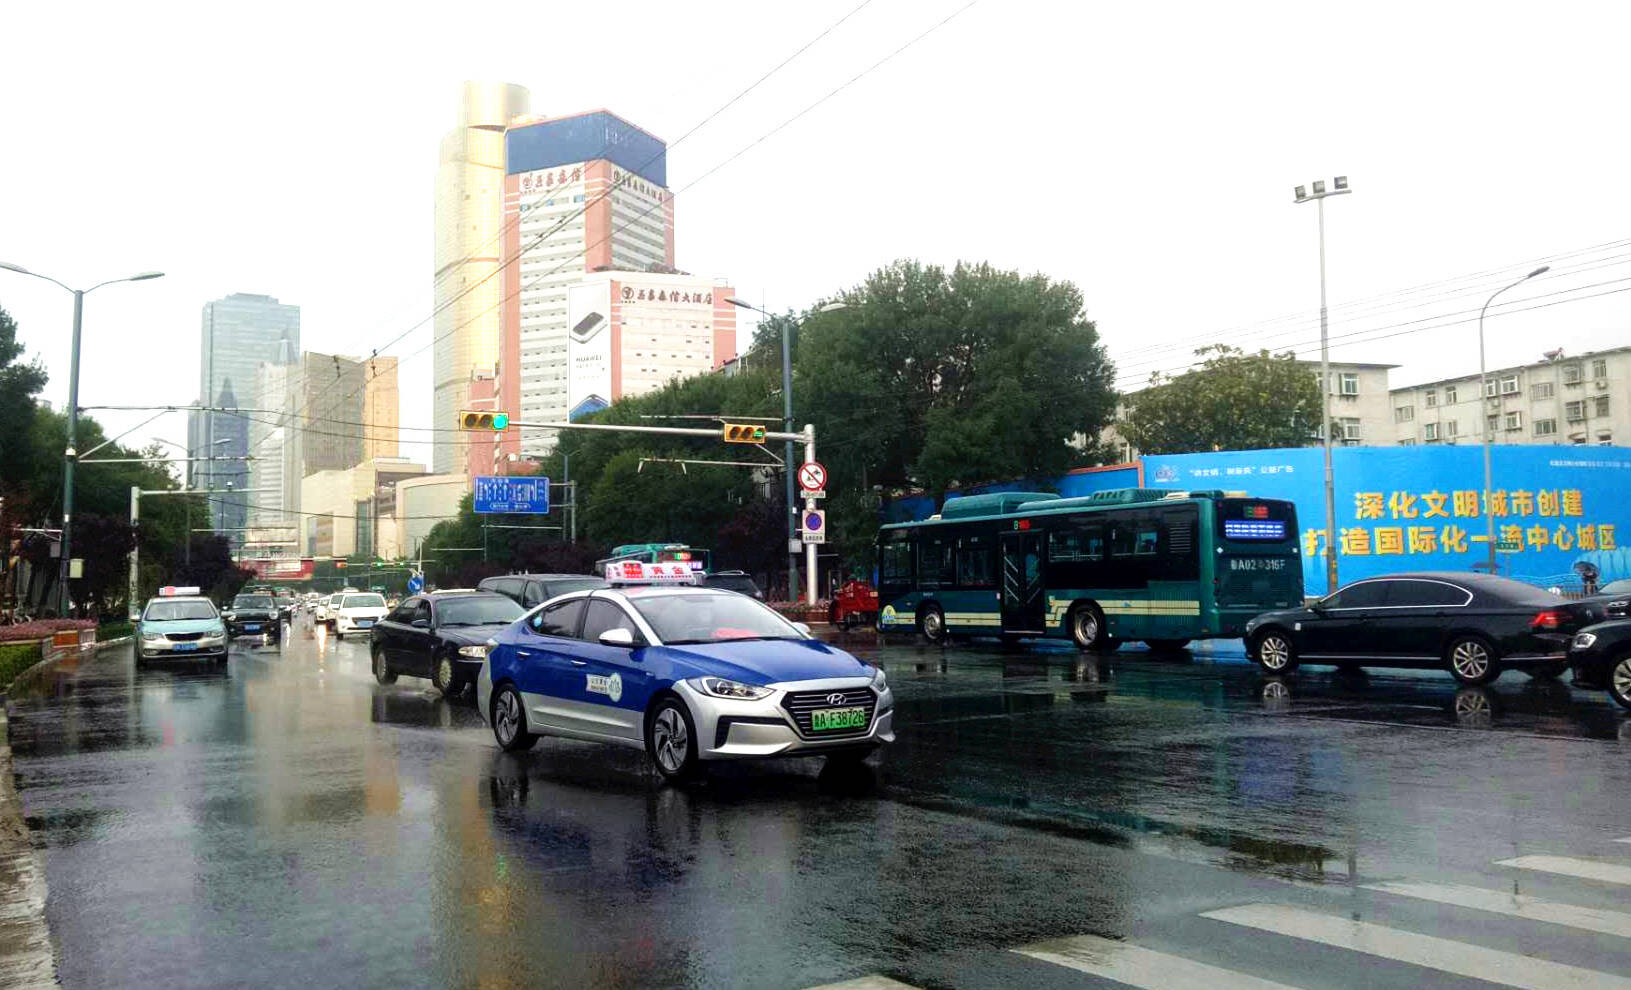 山东将实现城市公交物流配送车100%新能源、清洁能源